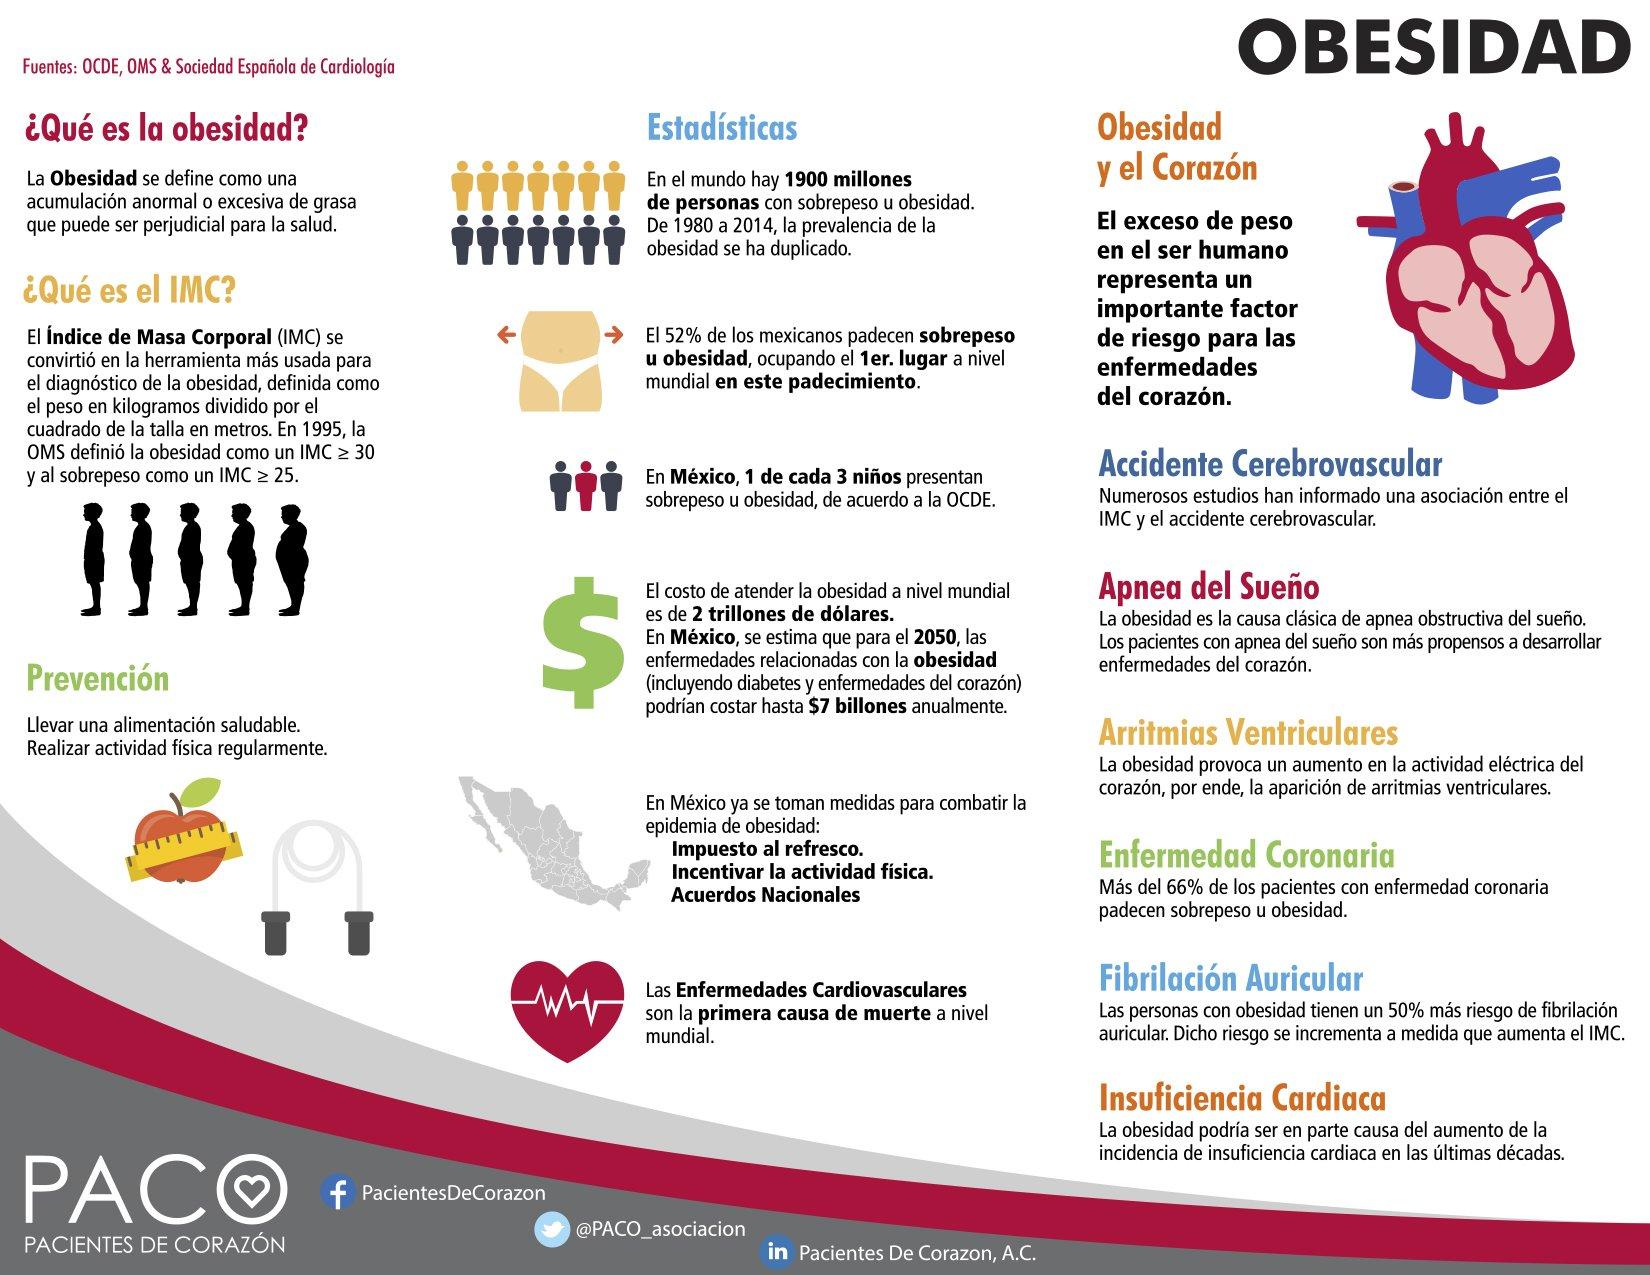 La asociación de los refrescos dietéticos con la obesidad y los kilos de más